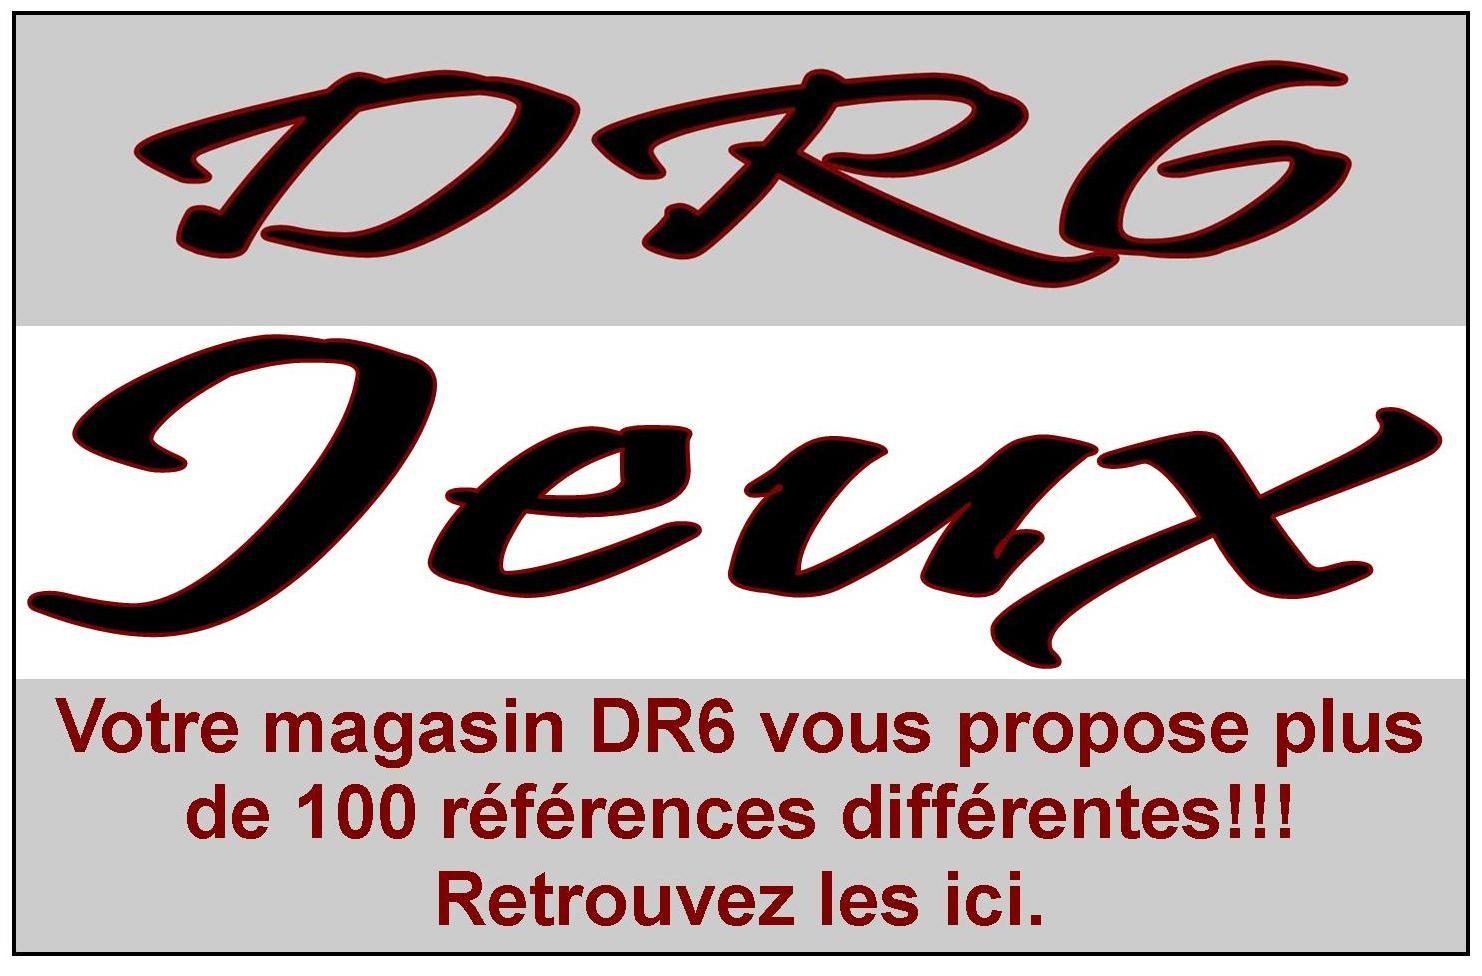 Votre magasin DR6 vous propose plus de 100 références dans sa gamme jeux.